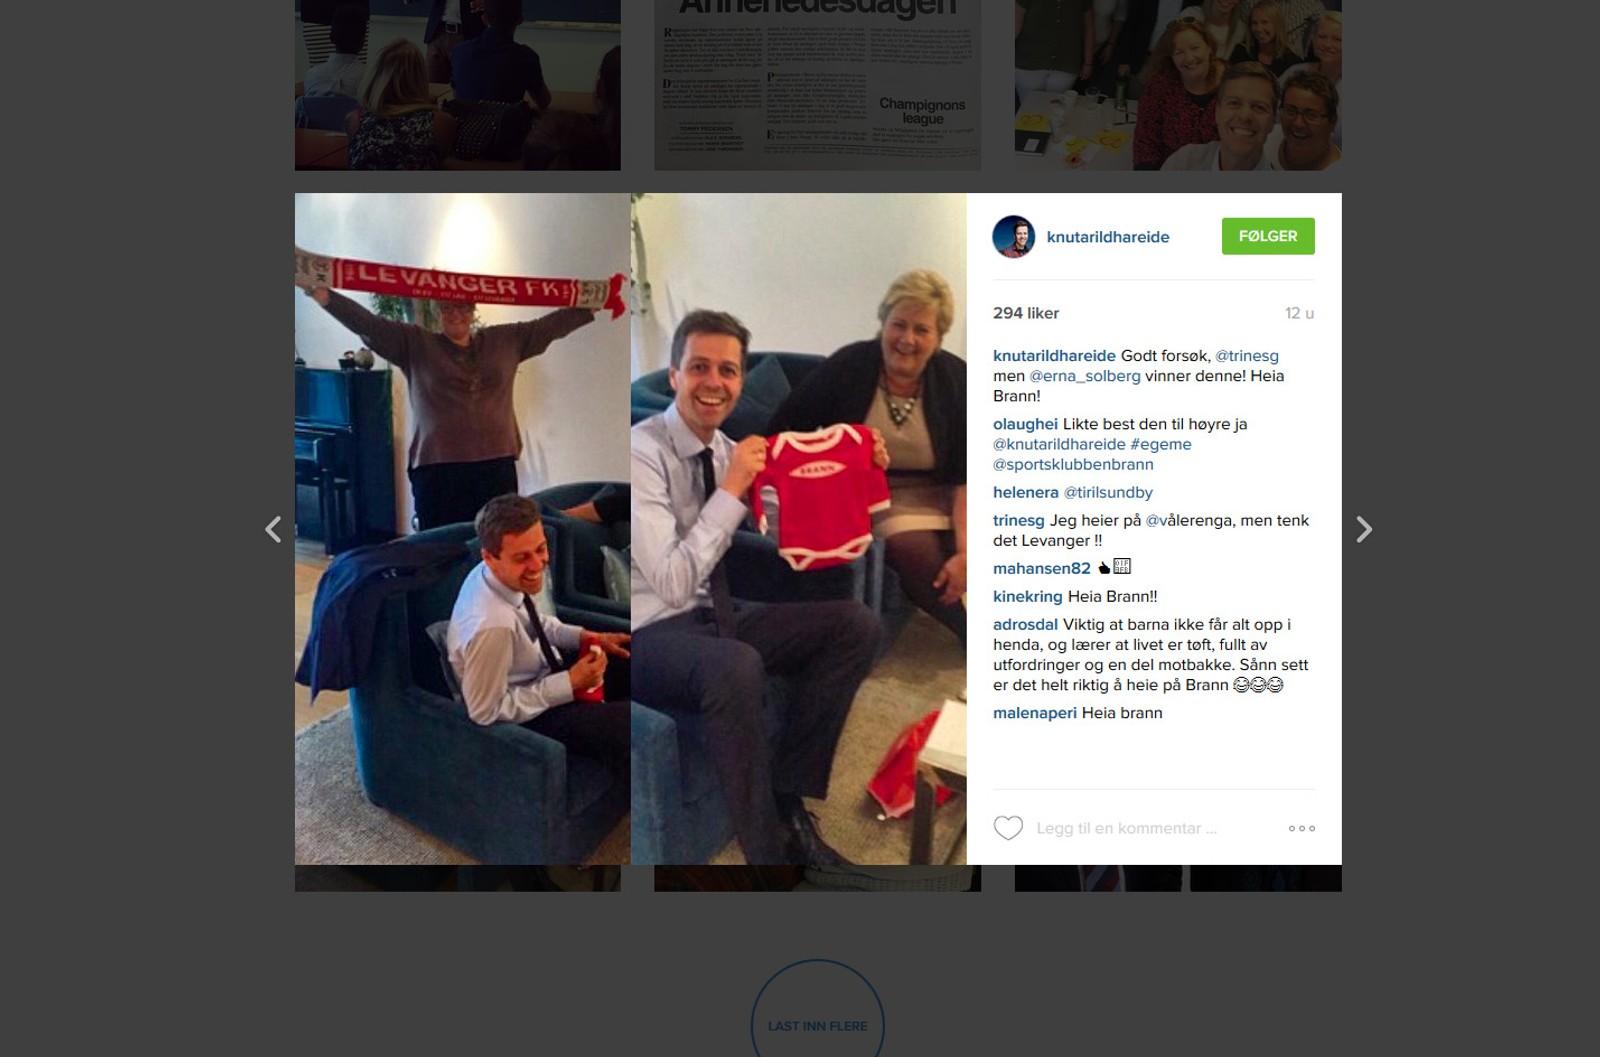 KrF-leder Knut Arild Hareide bruker periodevis instagram, og byr da på seg selv. Dette er delt like etter at han fikk barn tidligere i 2015.